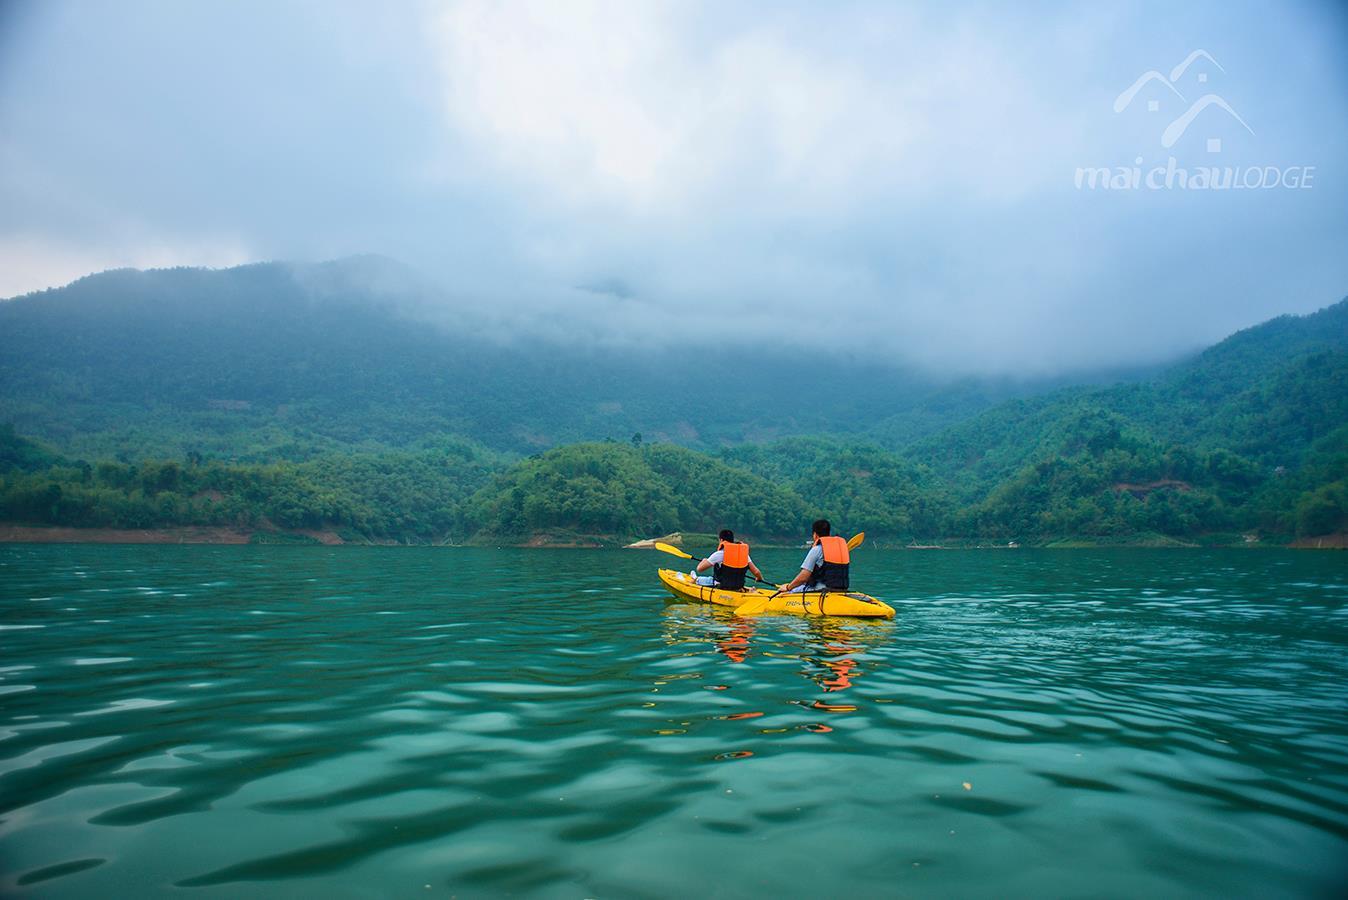 Mạo hiểm hơn thì có cả hoạt động chèo Kayak trên hồ Hoà Bình